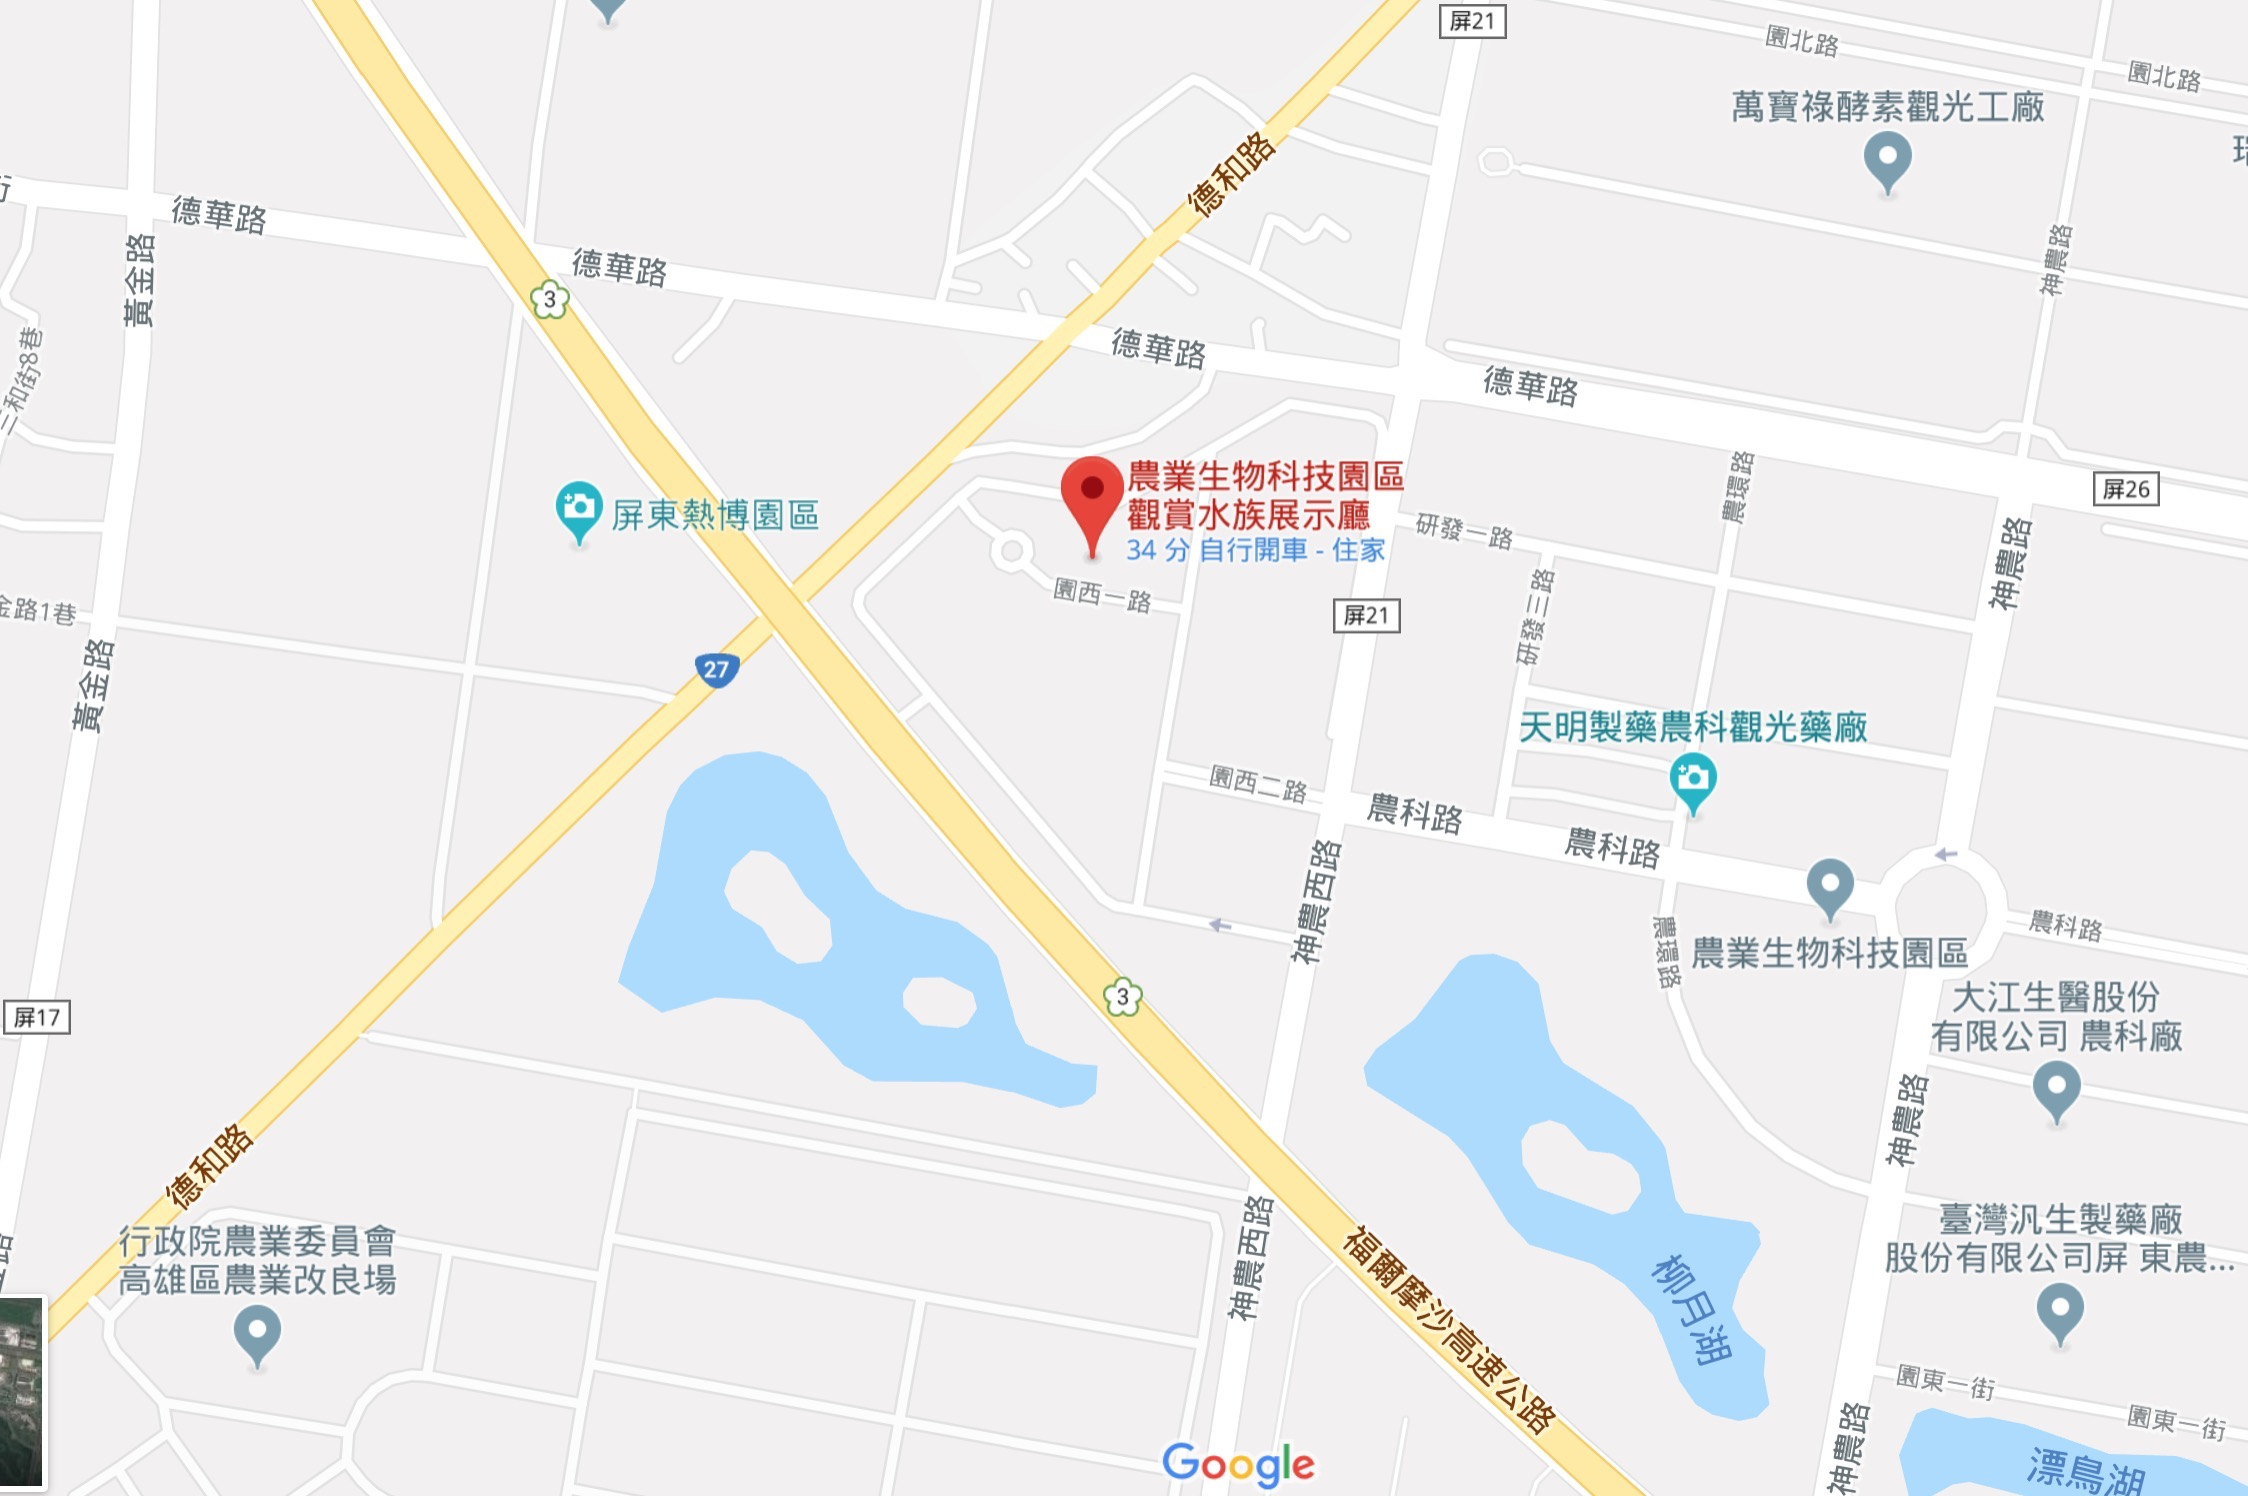 屏東農科園區觀賞水族動物展示中心地圖